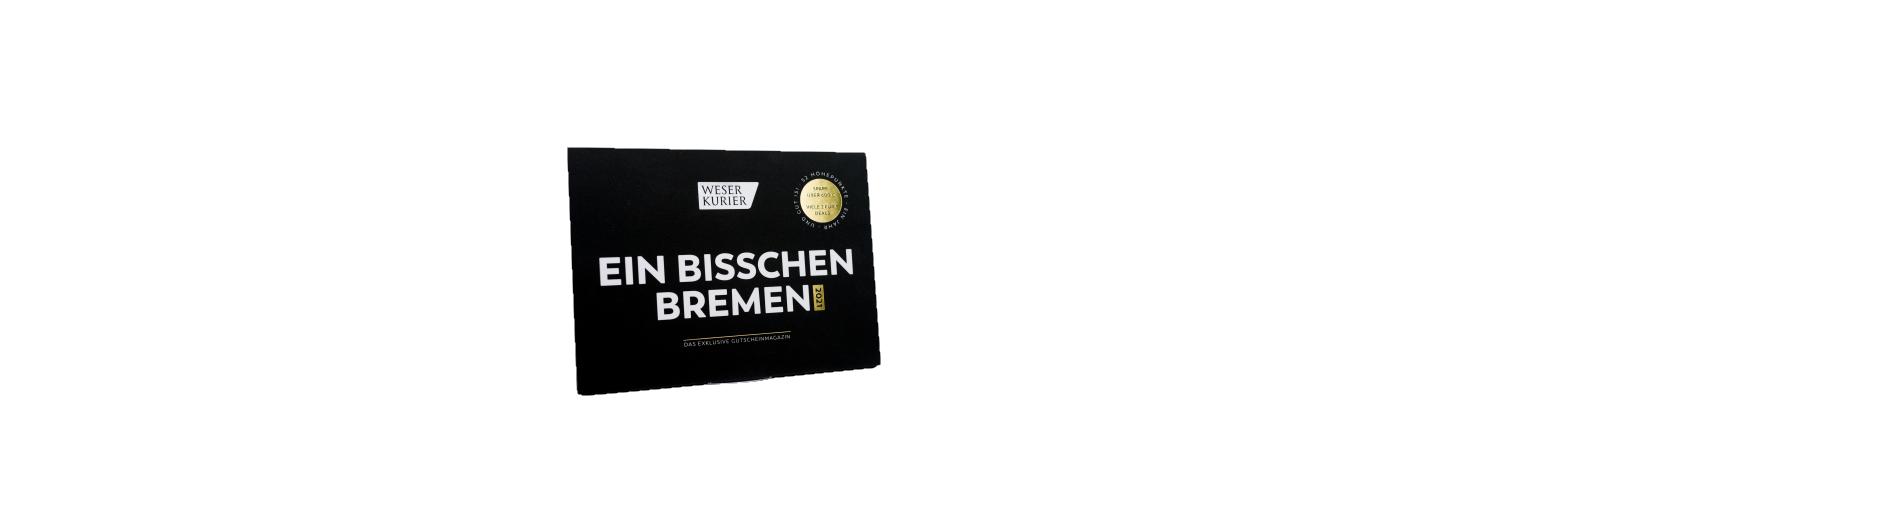 Ein Bisschen Bremen 2021 - Gutscheinmagazin